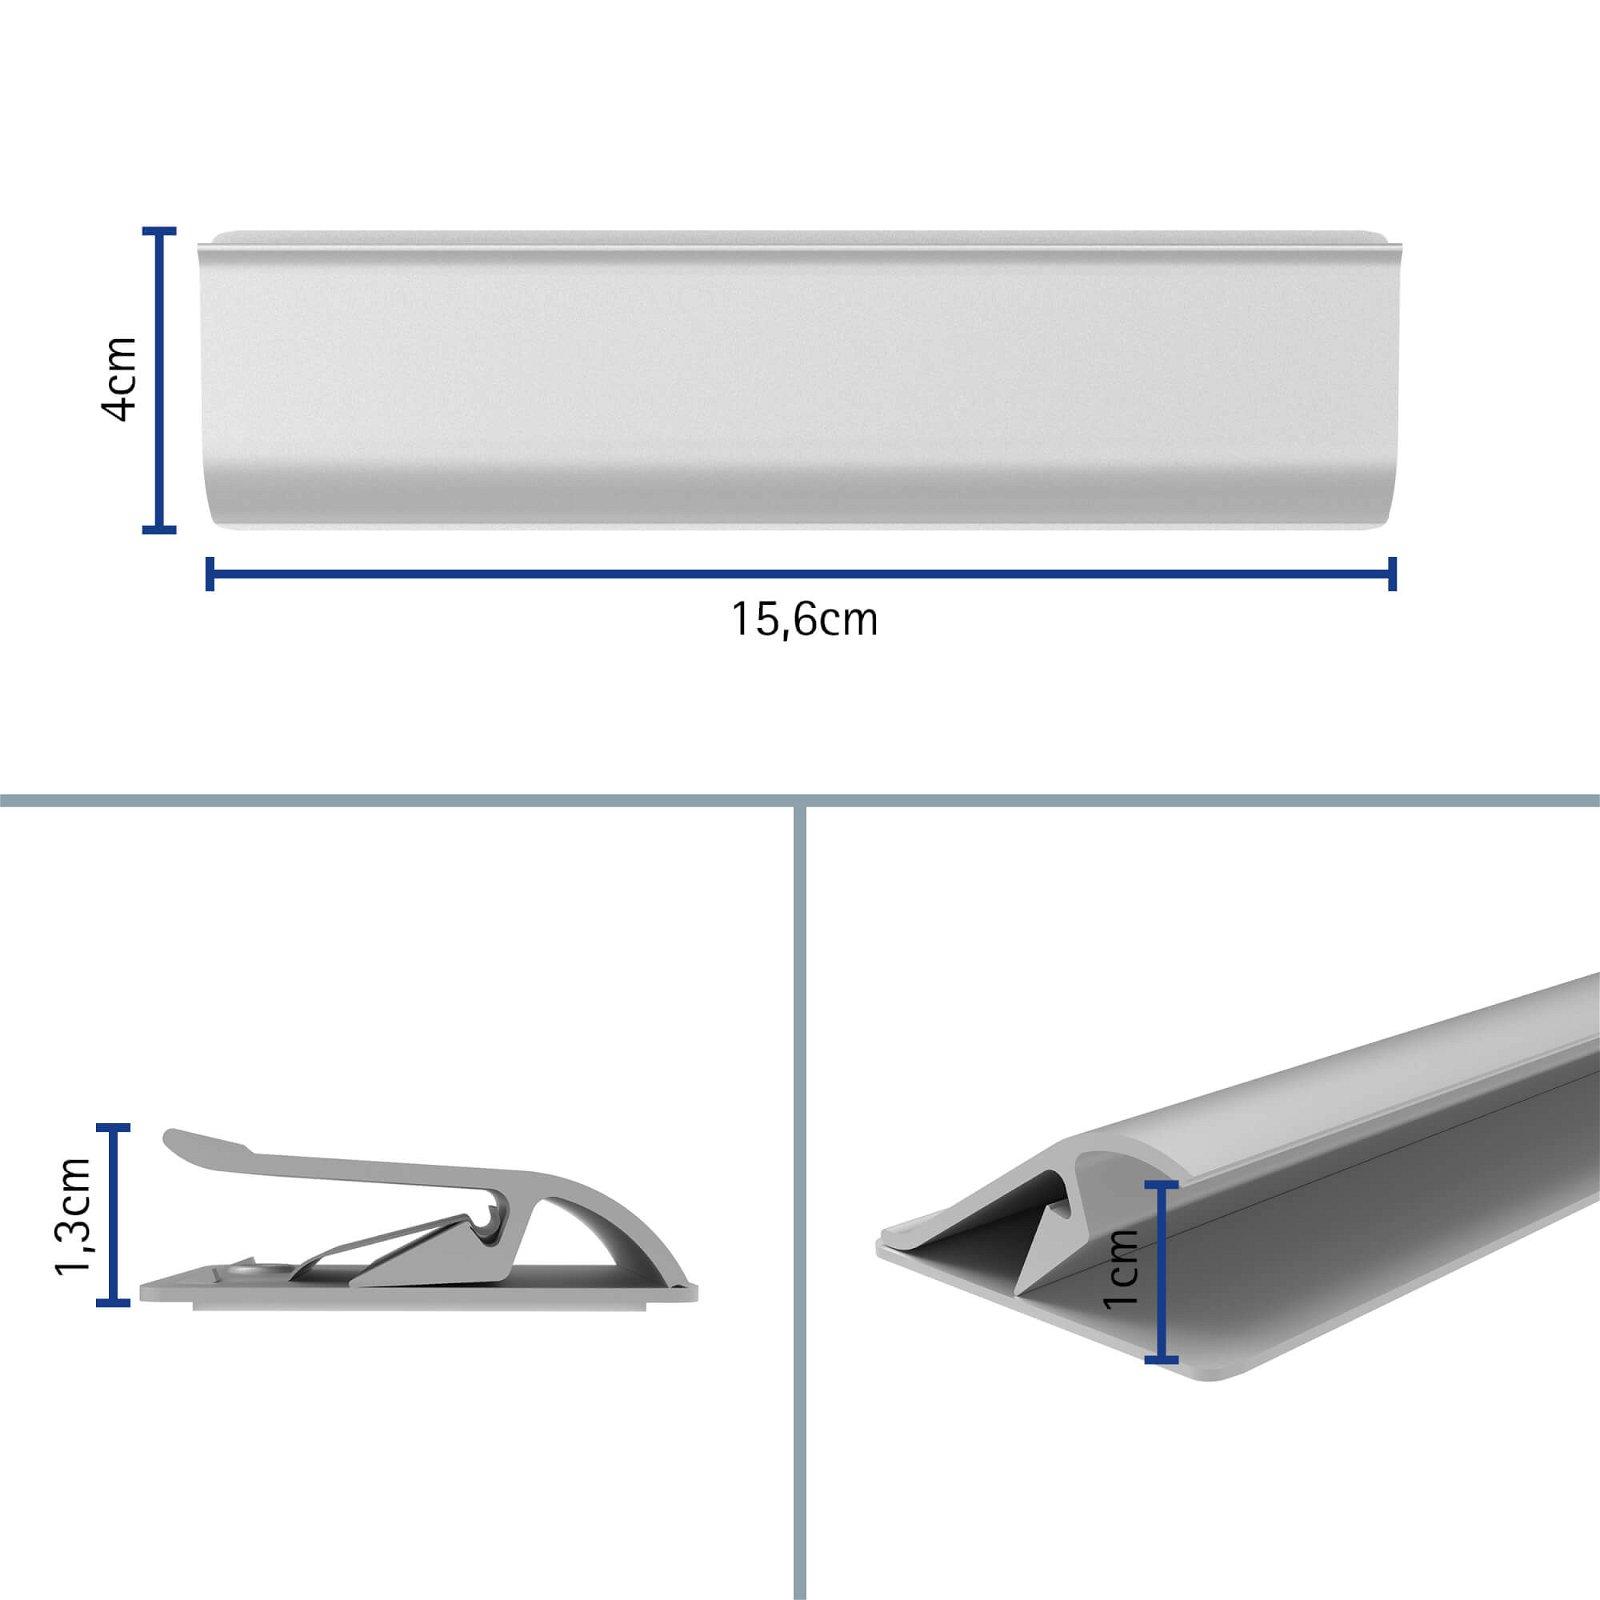 Klemmleiste Aluminium, Länge 15,6 cm, aluminium